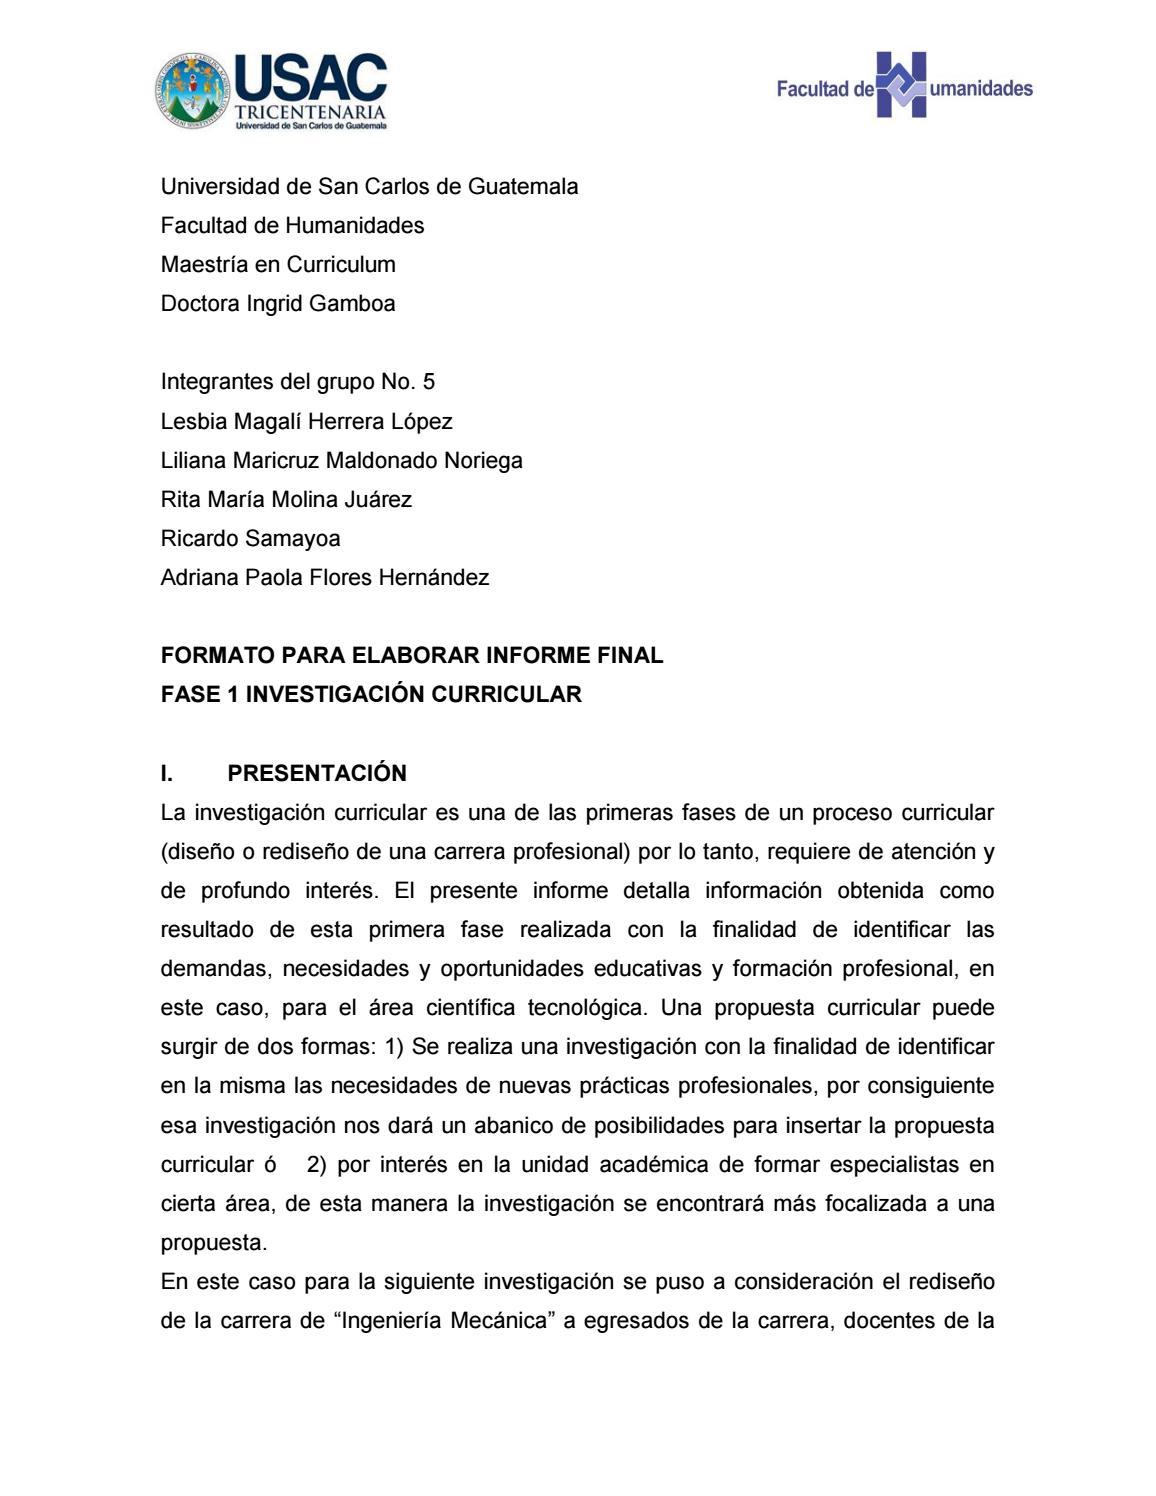 F3 02 foro de trabajo investigacion del curriculum by AP_Flores_H ...